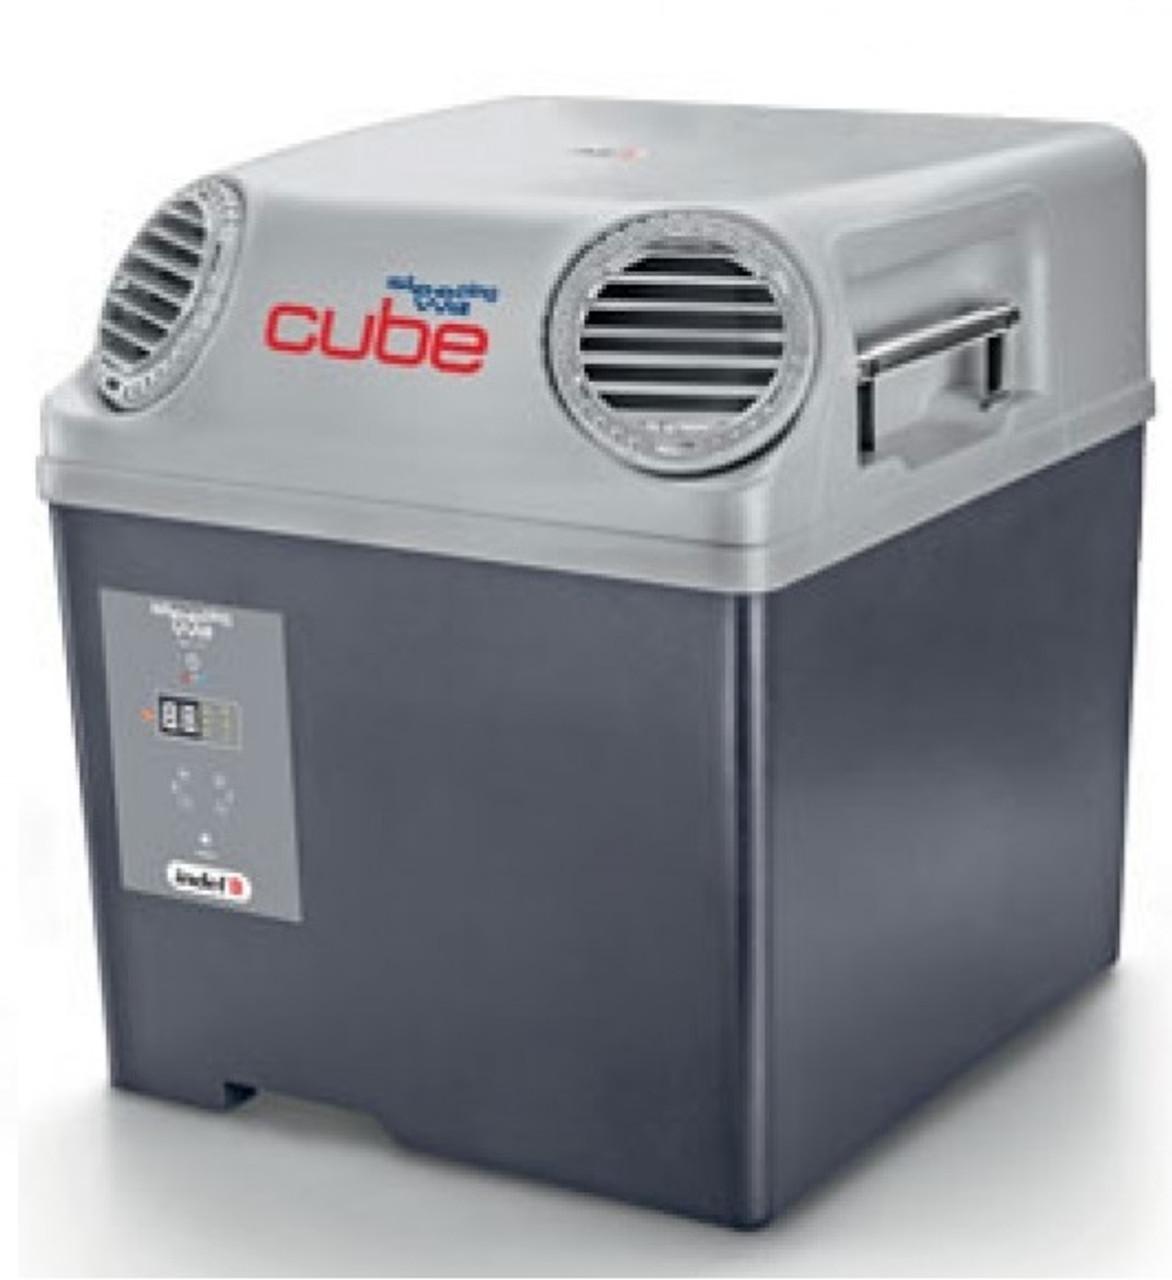 Indel B CUBE Portable Air Conditioner